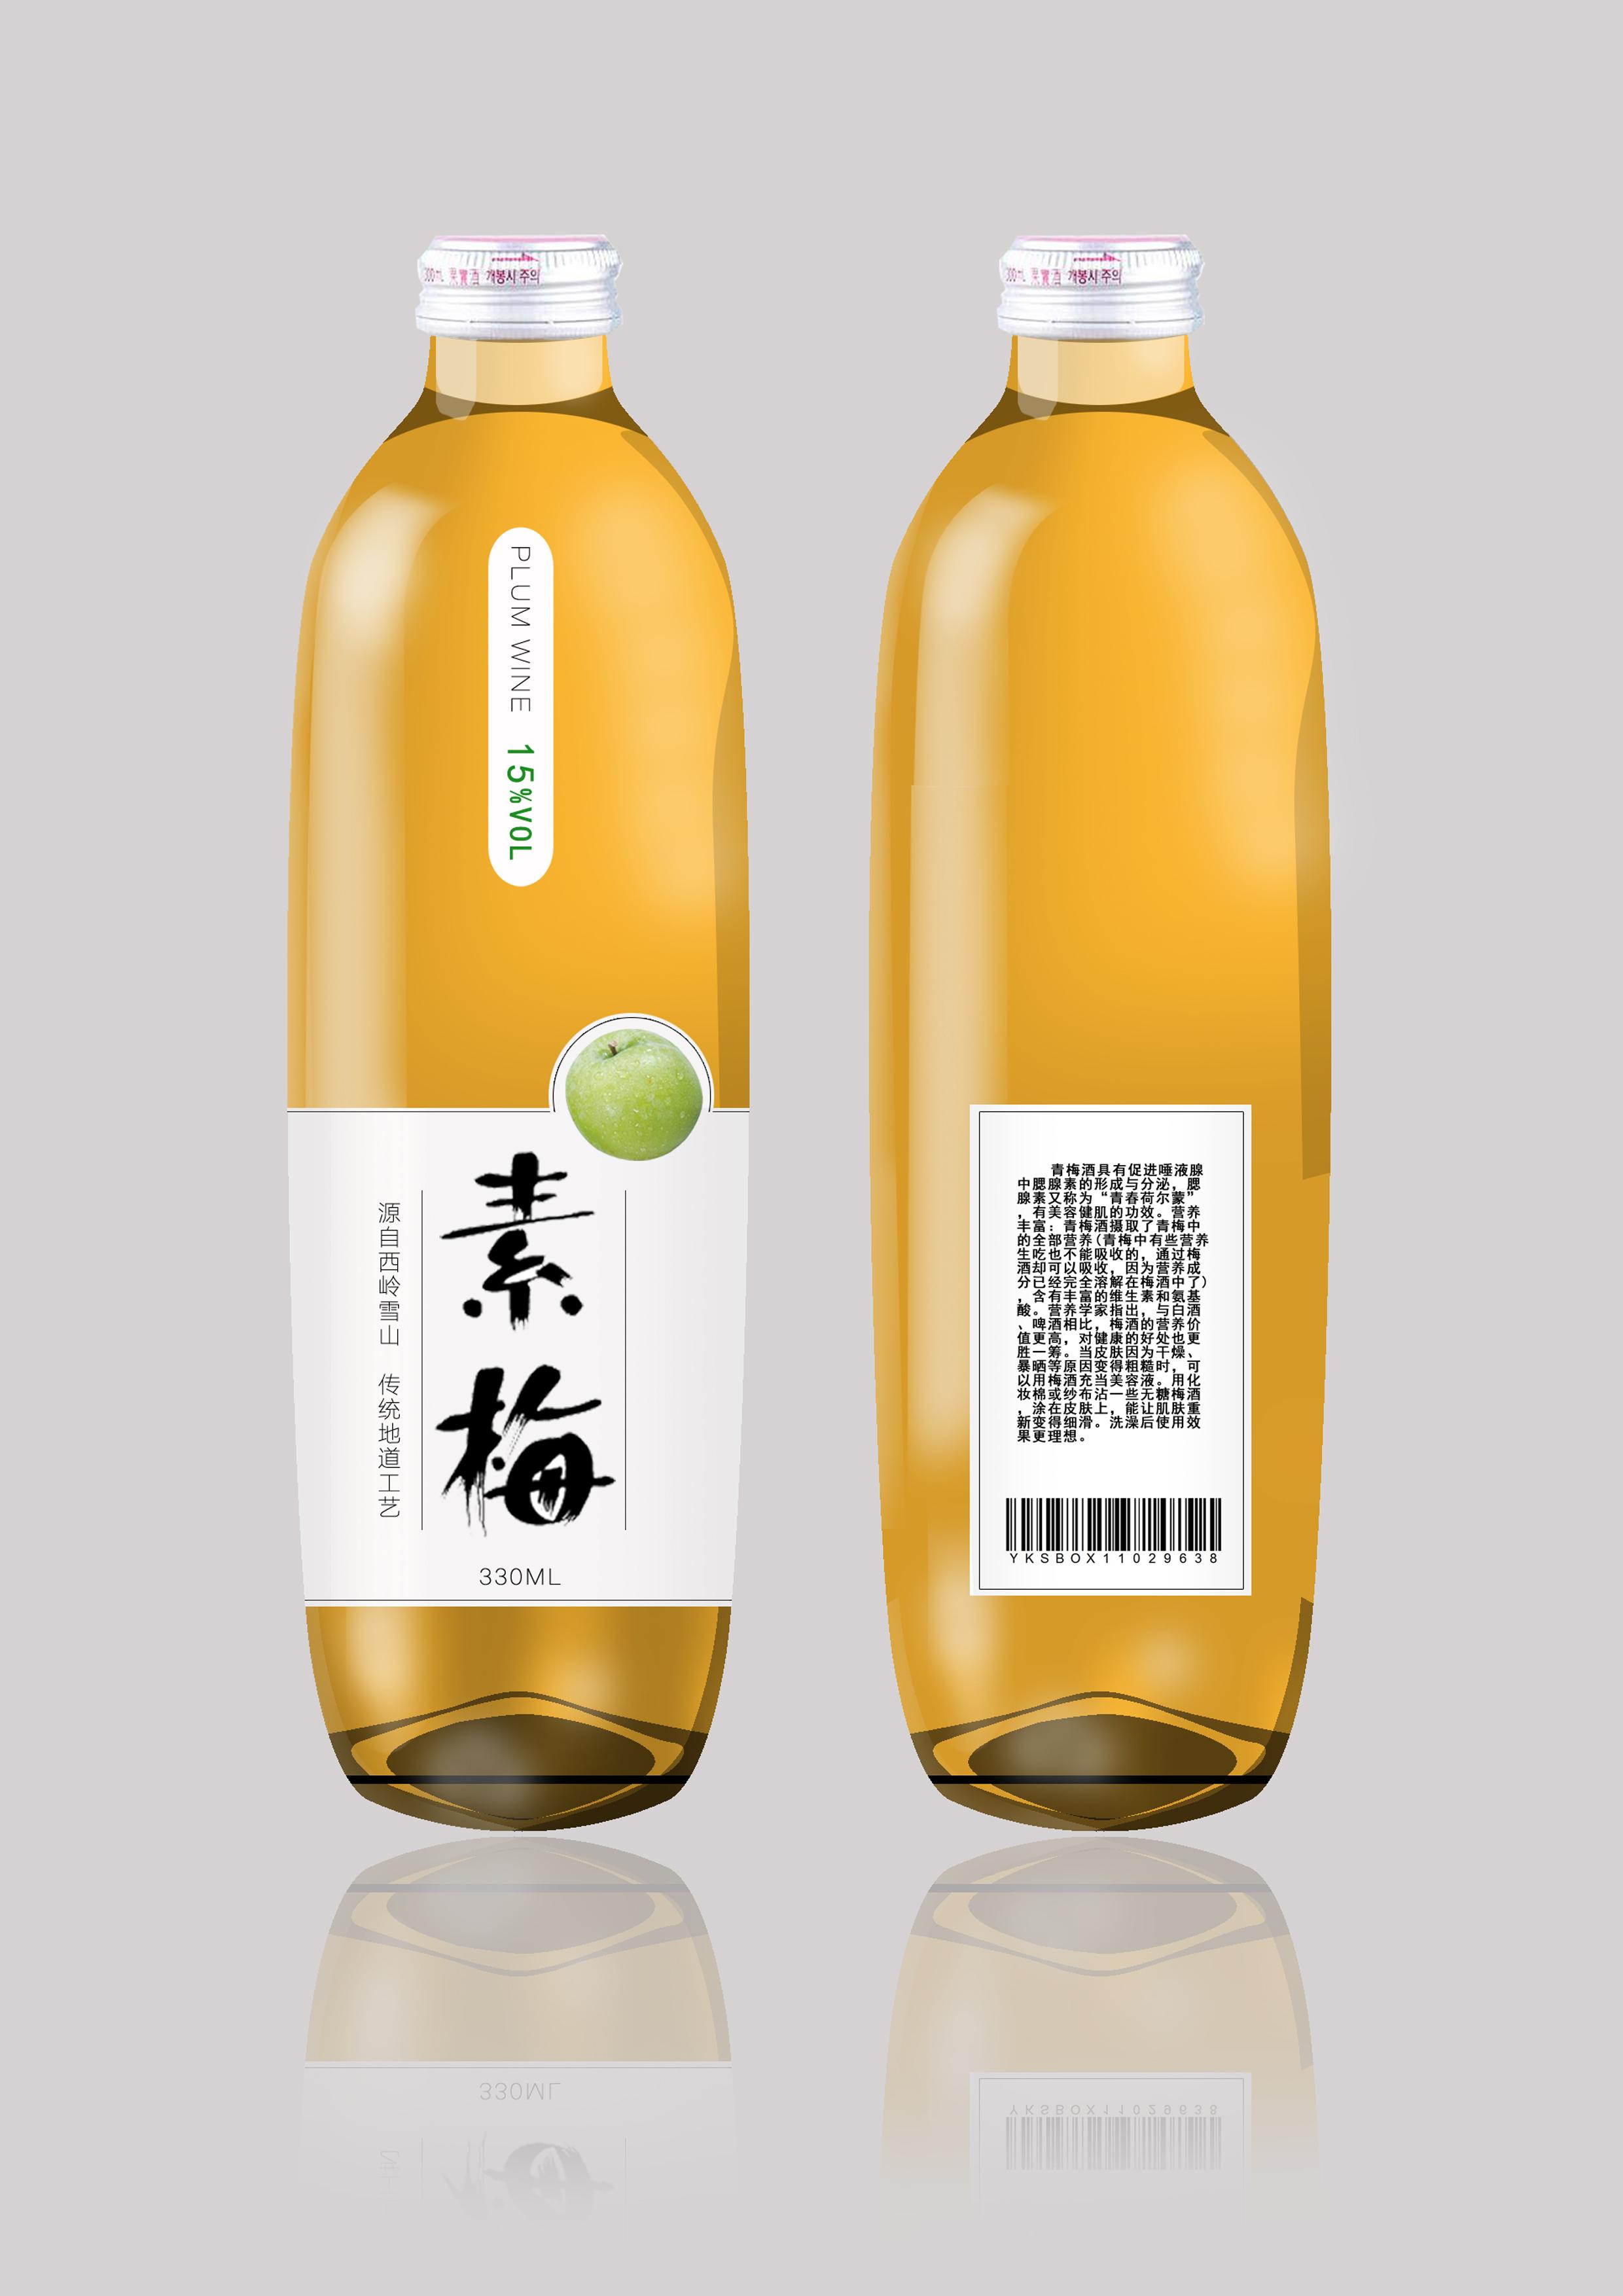 青梅酒酒瓶包装设计